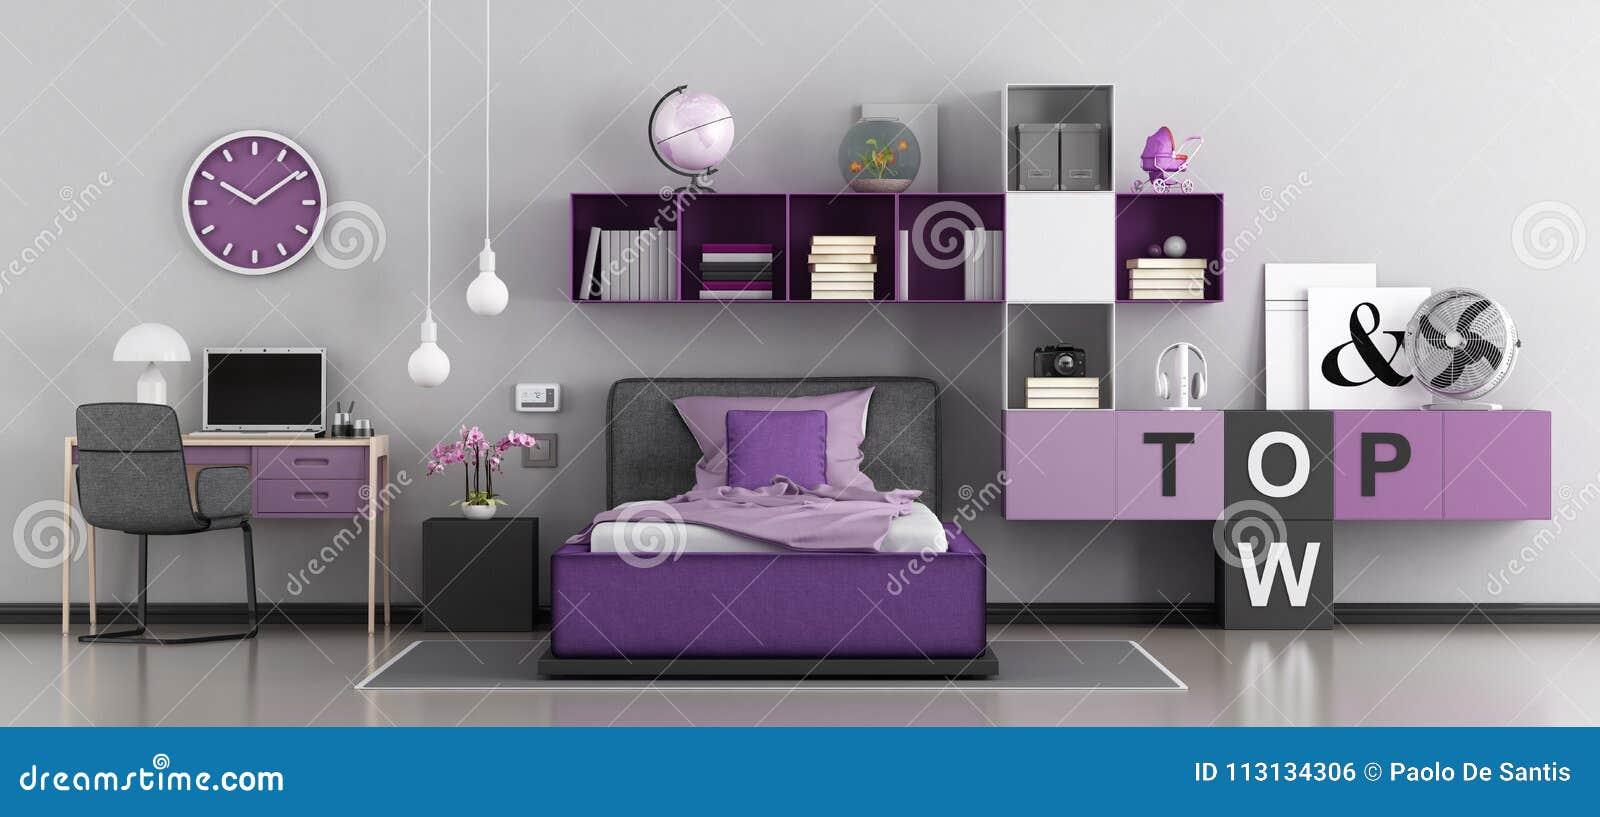 Modernes Schlafzimmer Für Mädchen Stock Abbildung - Illustration von ...